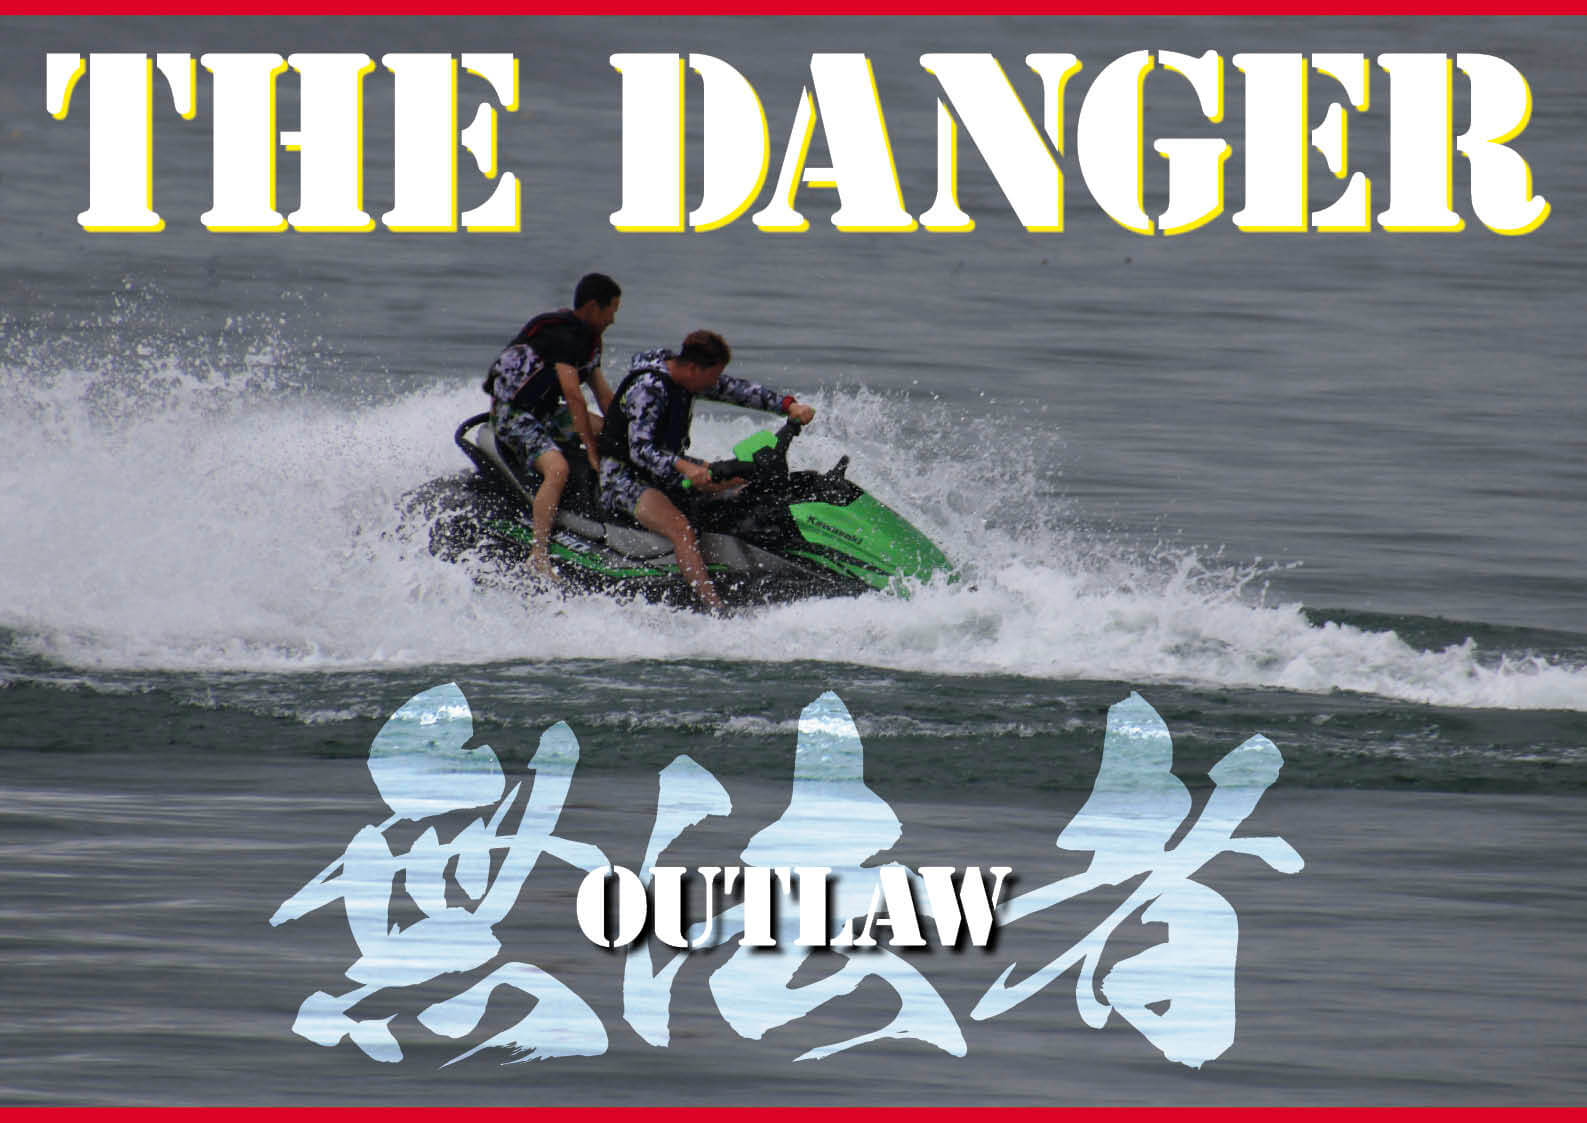 またもや迷惑行為が問題に! 海水浴客のすぐ近くで「暴走水上バイク」の報道 ジェットスキー(水上バイク)